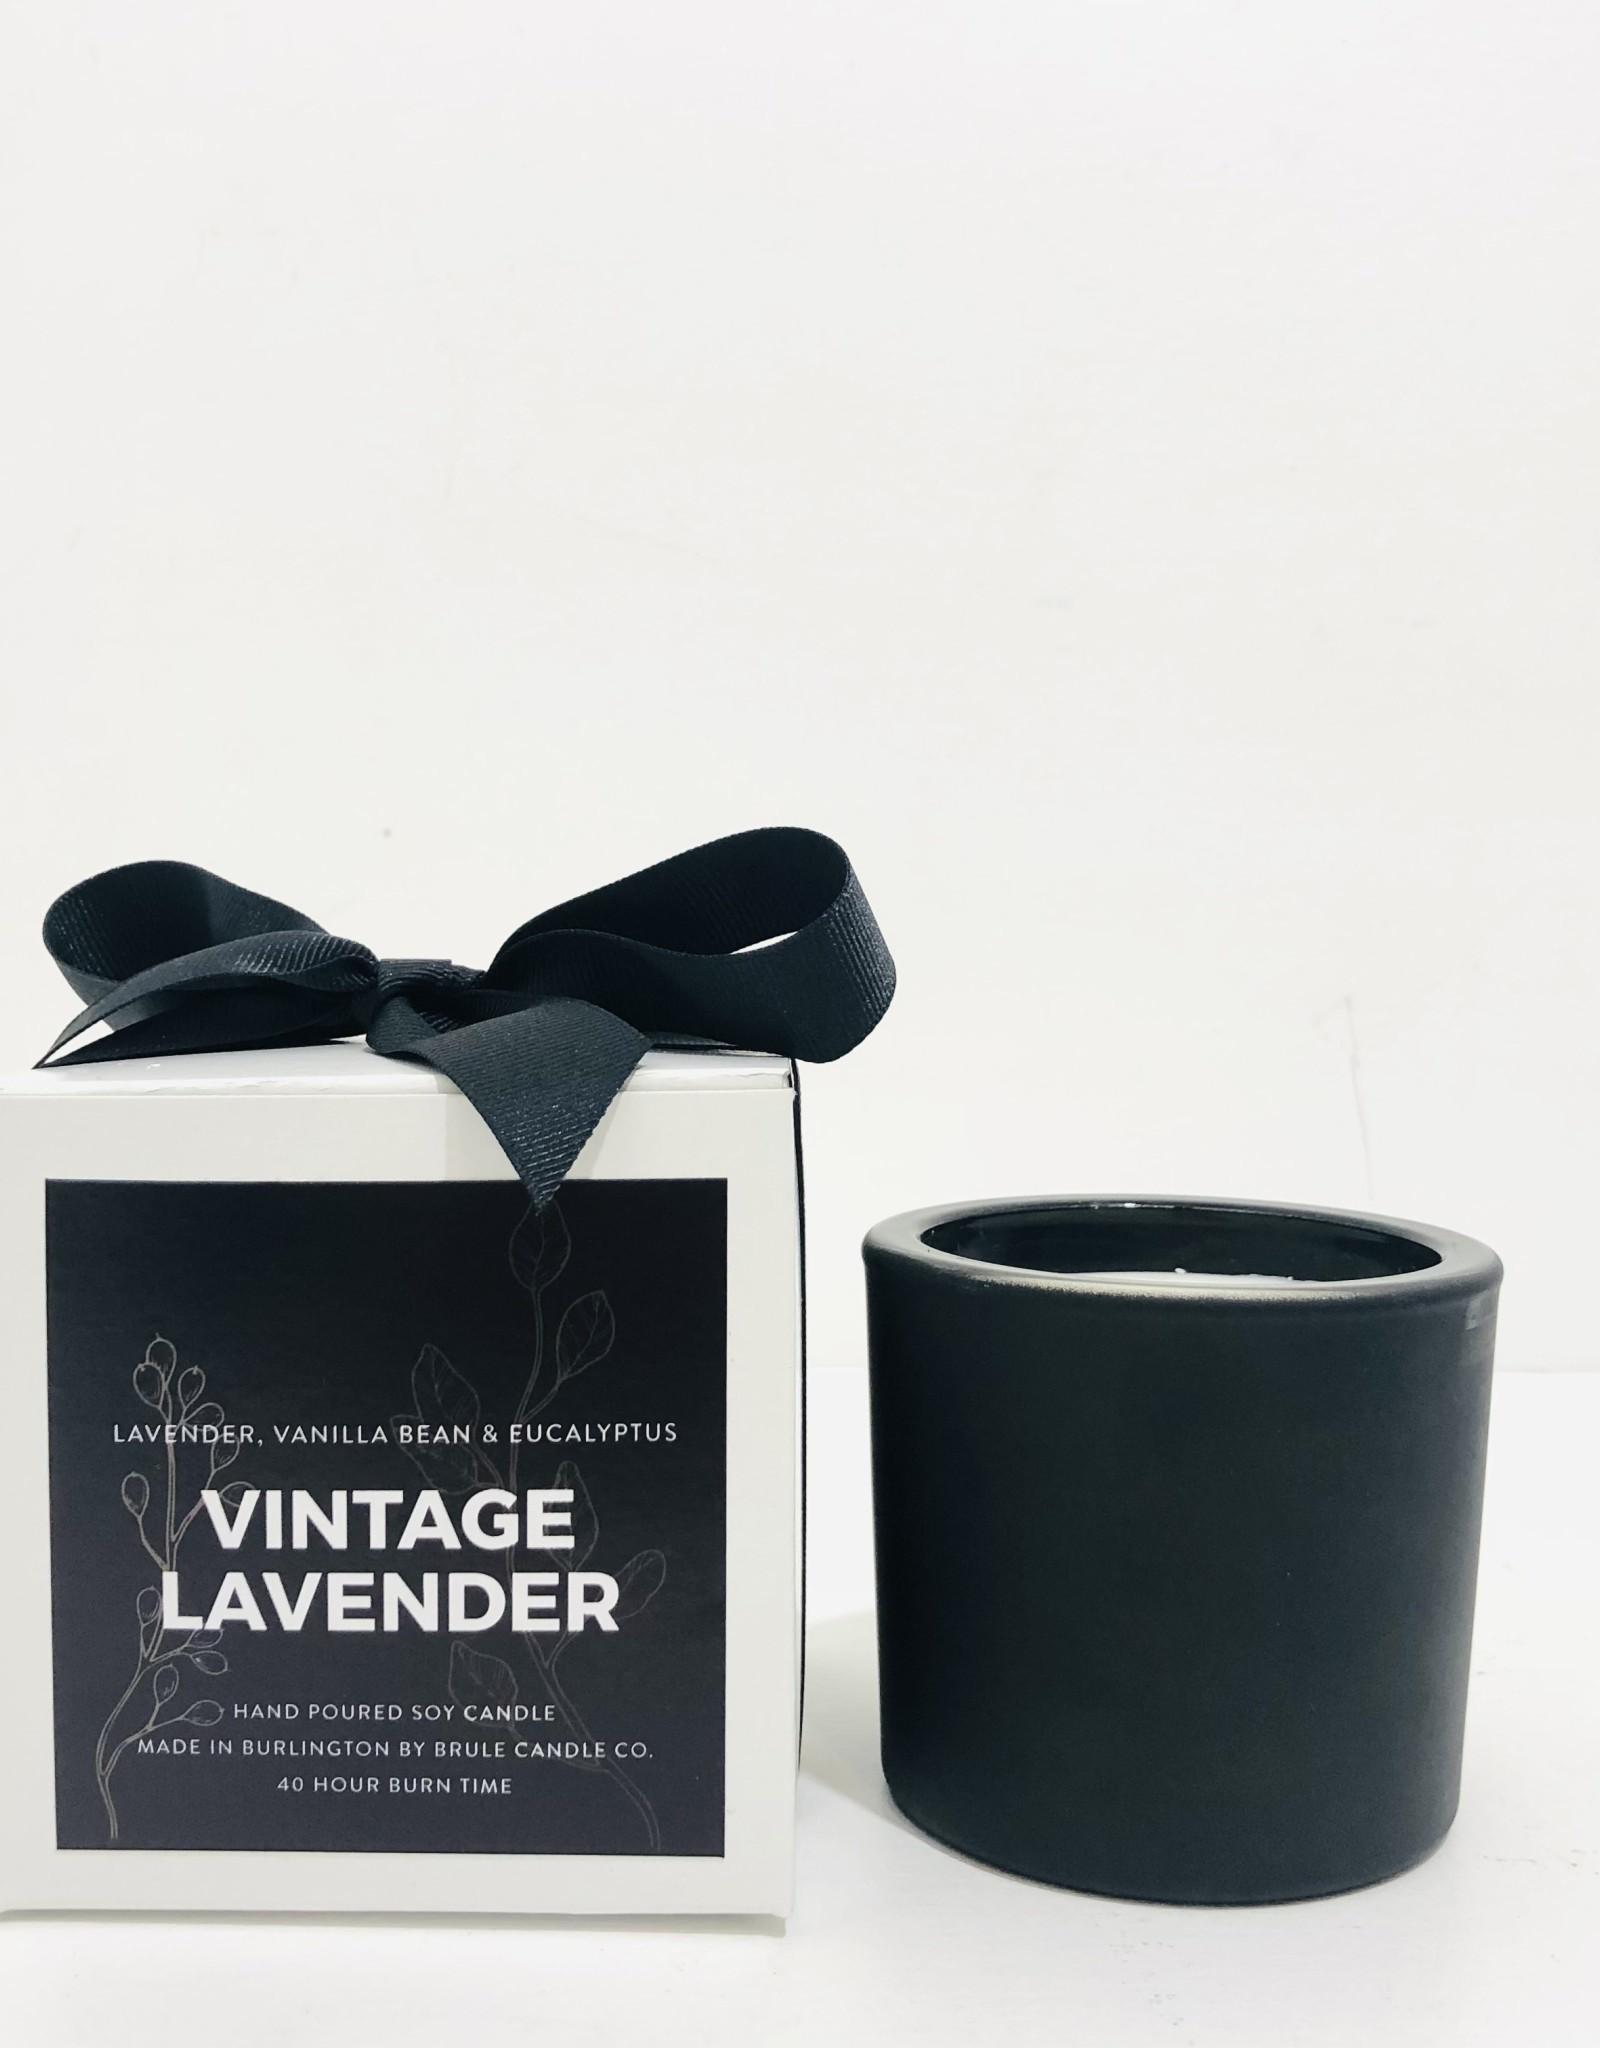 Brule Vintage Lavender Candle